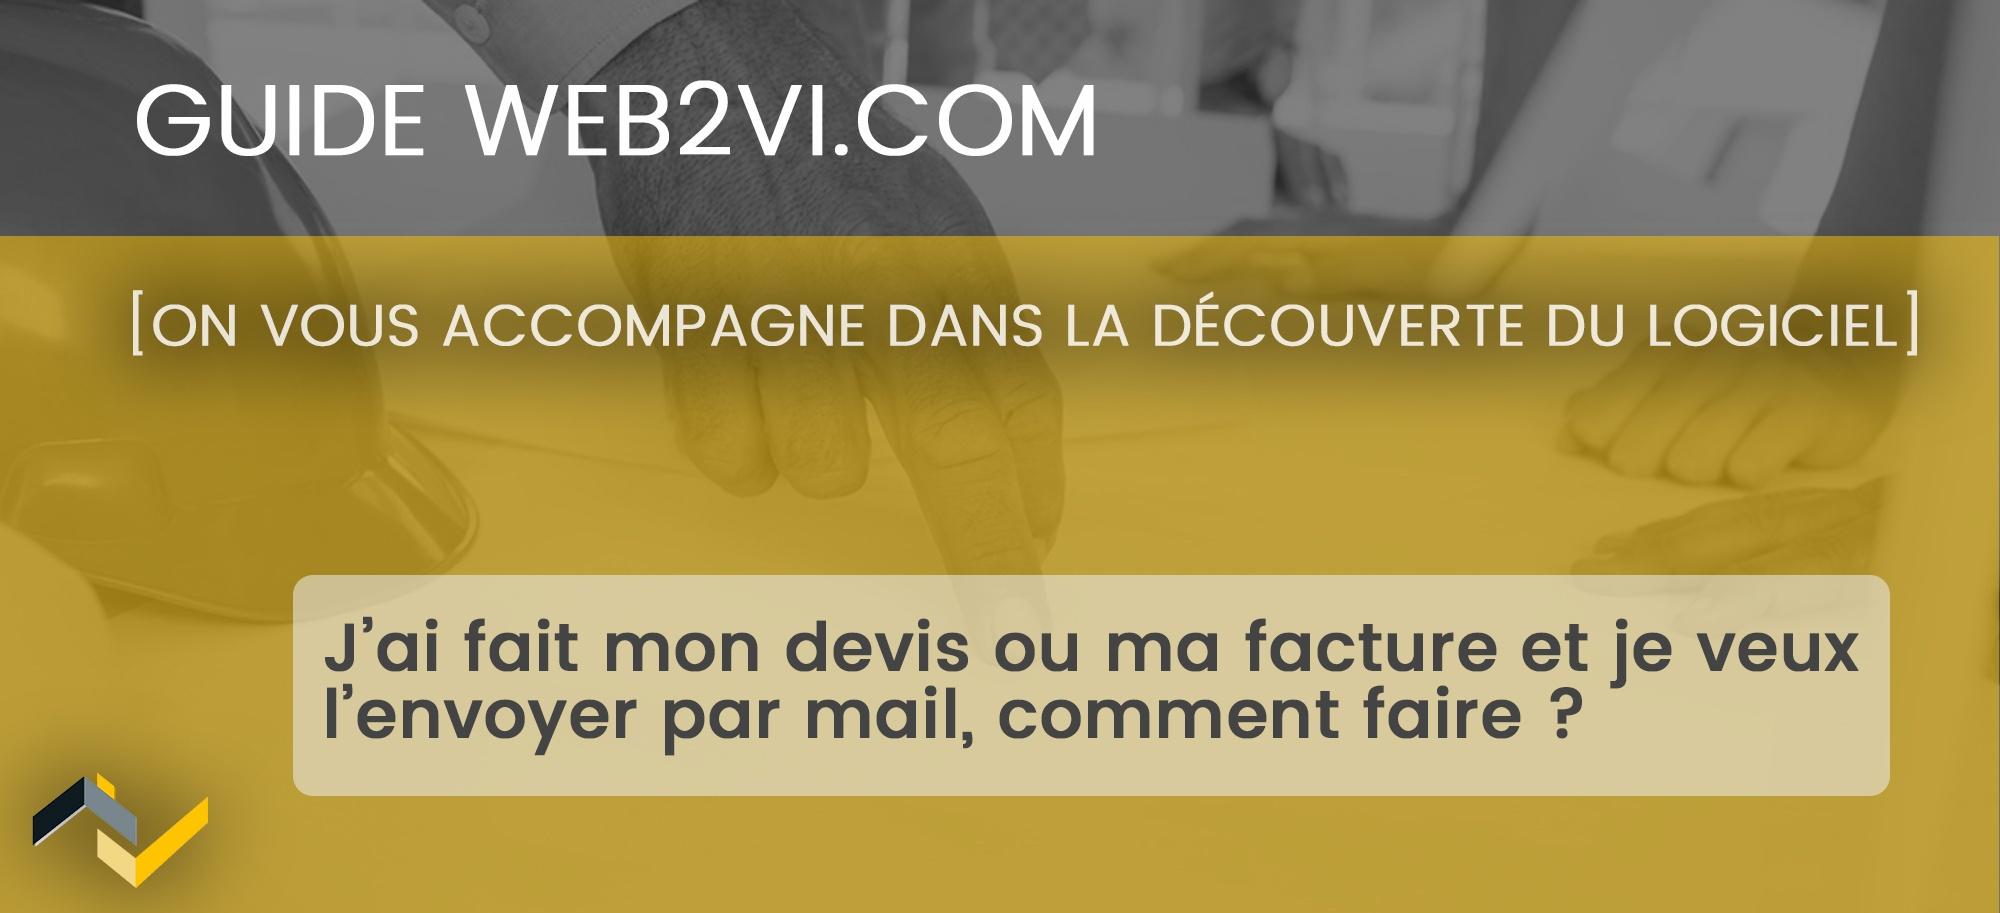 Envoyer mes devis et factures au client depuis le logiciel Web2vi.com